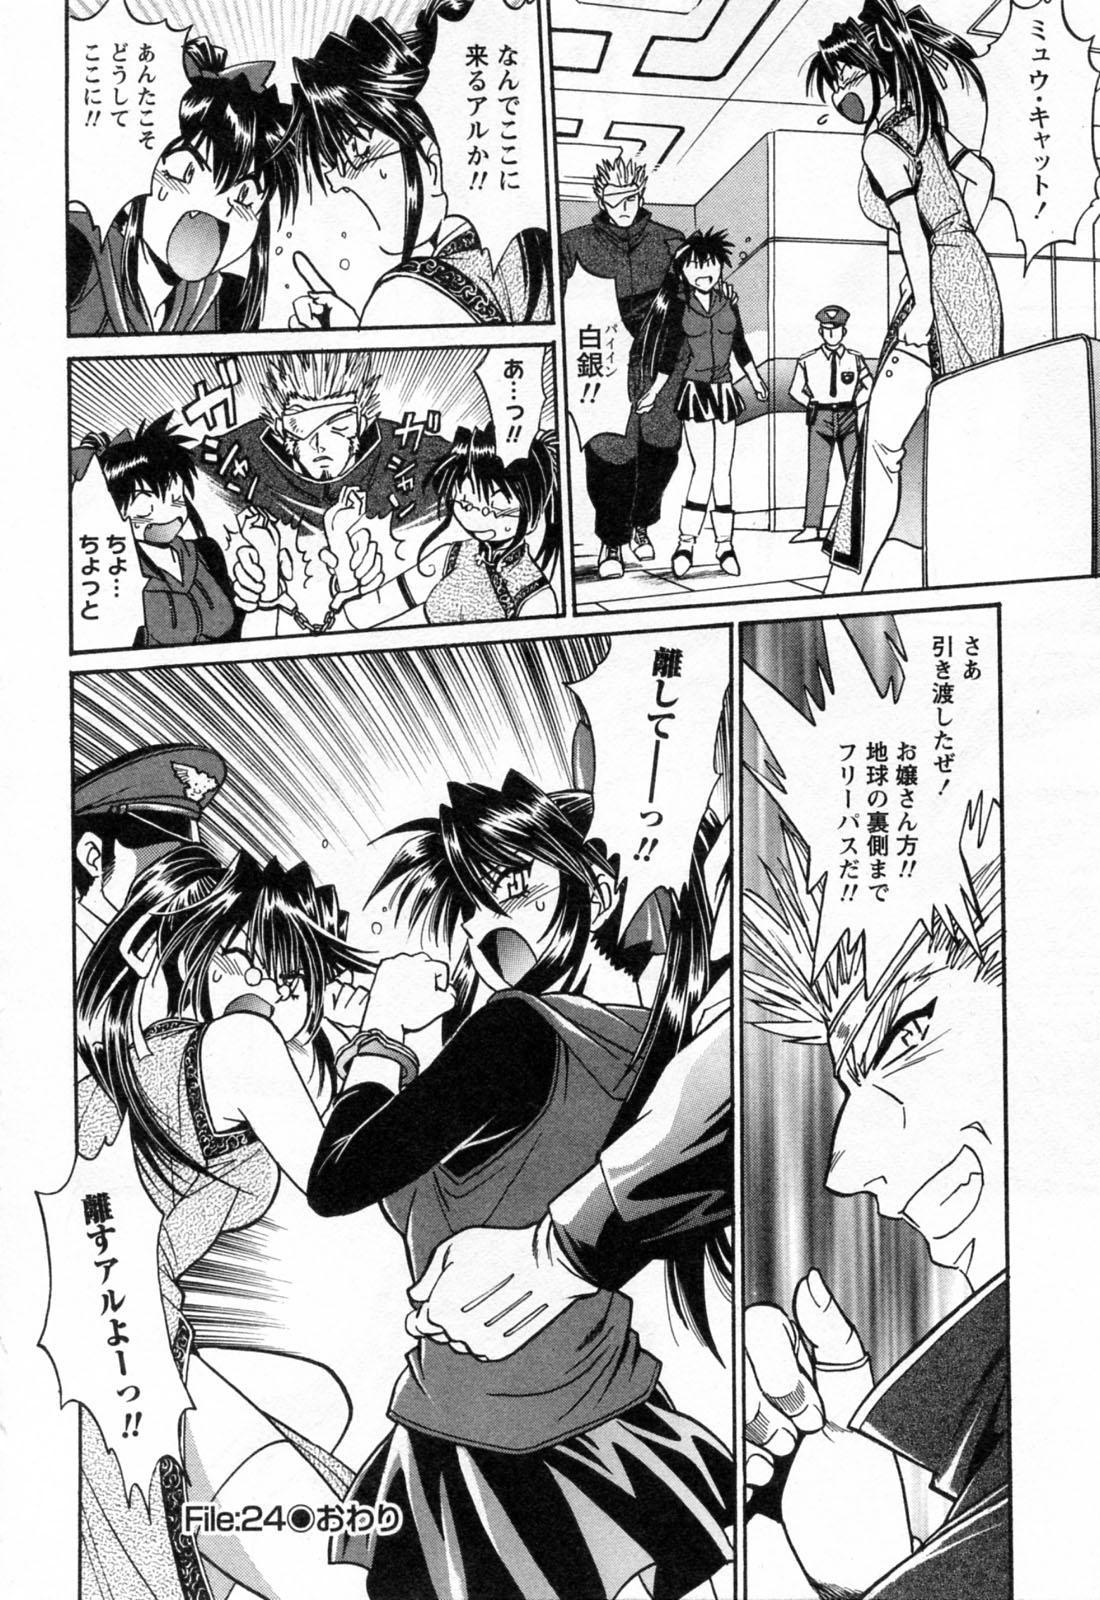 Makunouchi Deluxe 3 149